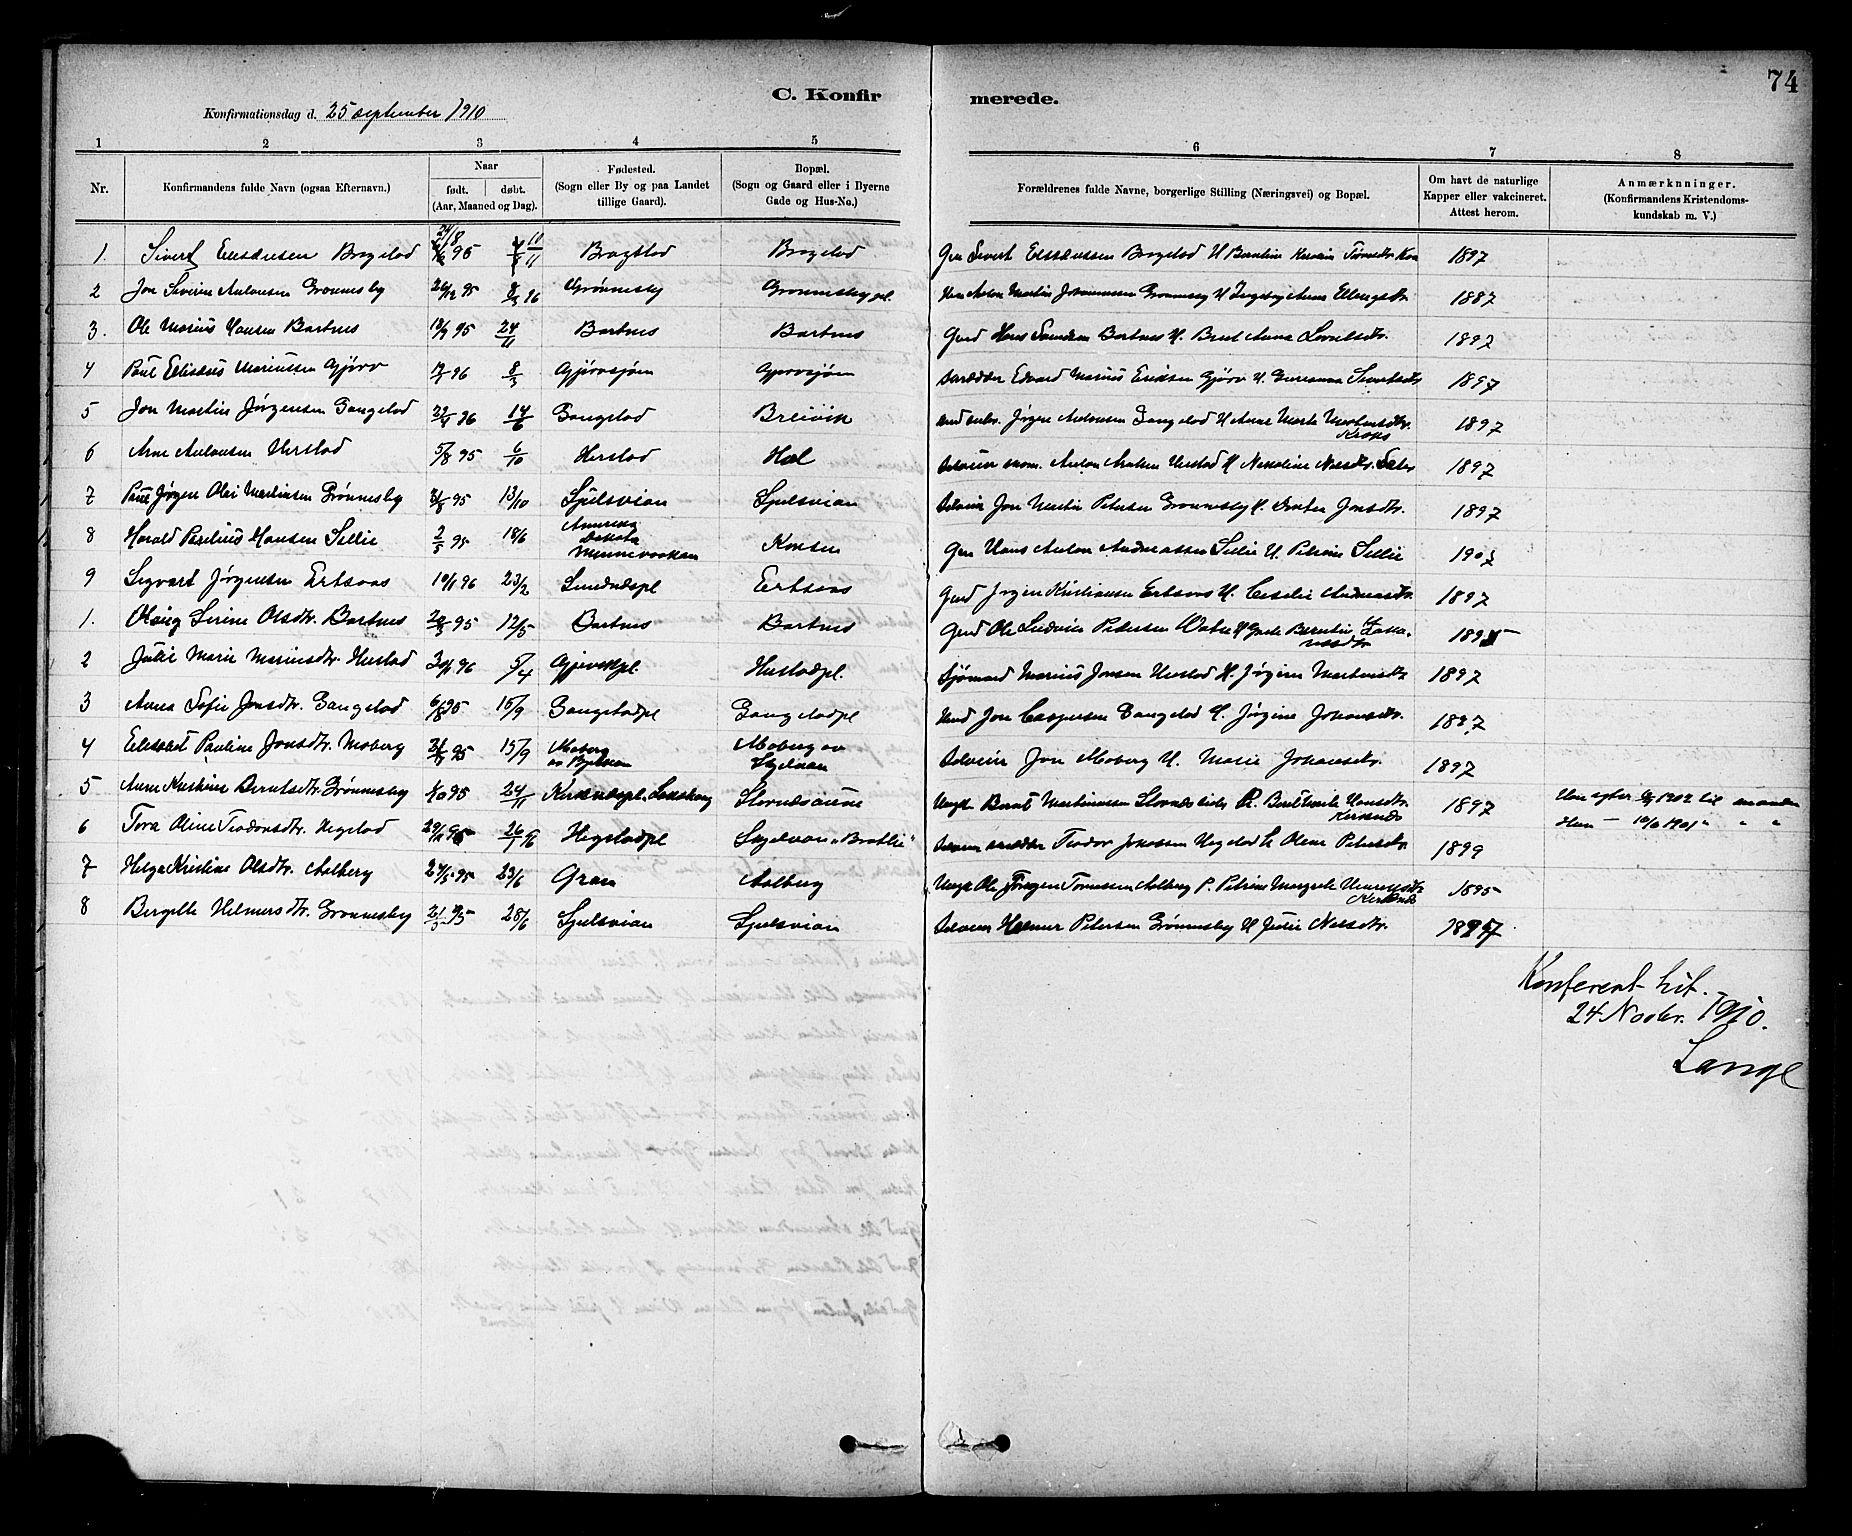 SAT, Ministerialprotokoller, klokkerbøker og fødselsregistre - Nord-Trøndelag, 732/L0318: Klokkerbok nr. 732C02, 1881-1911, s. 74